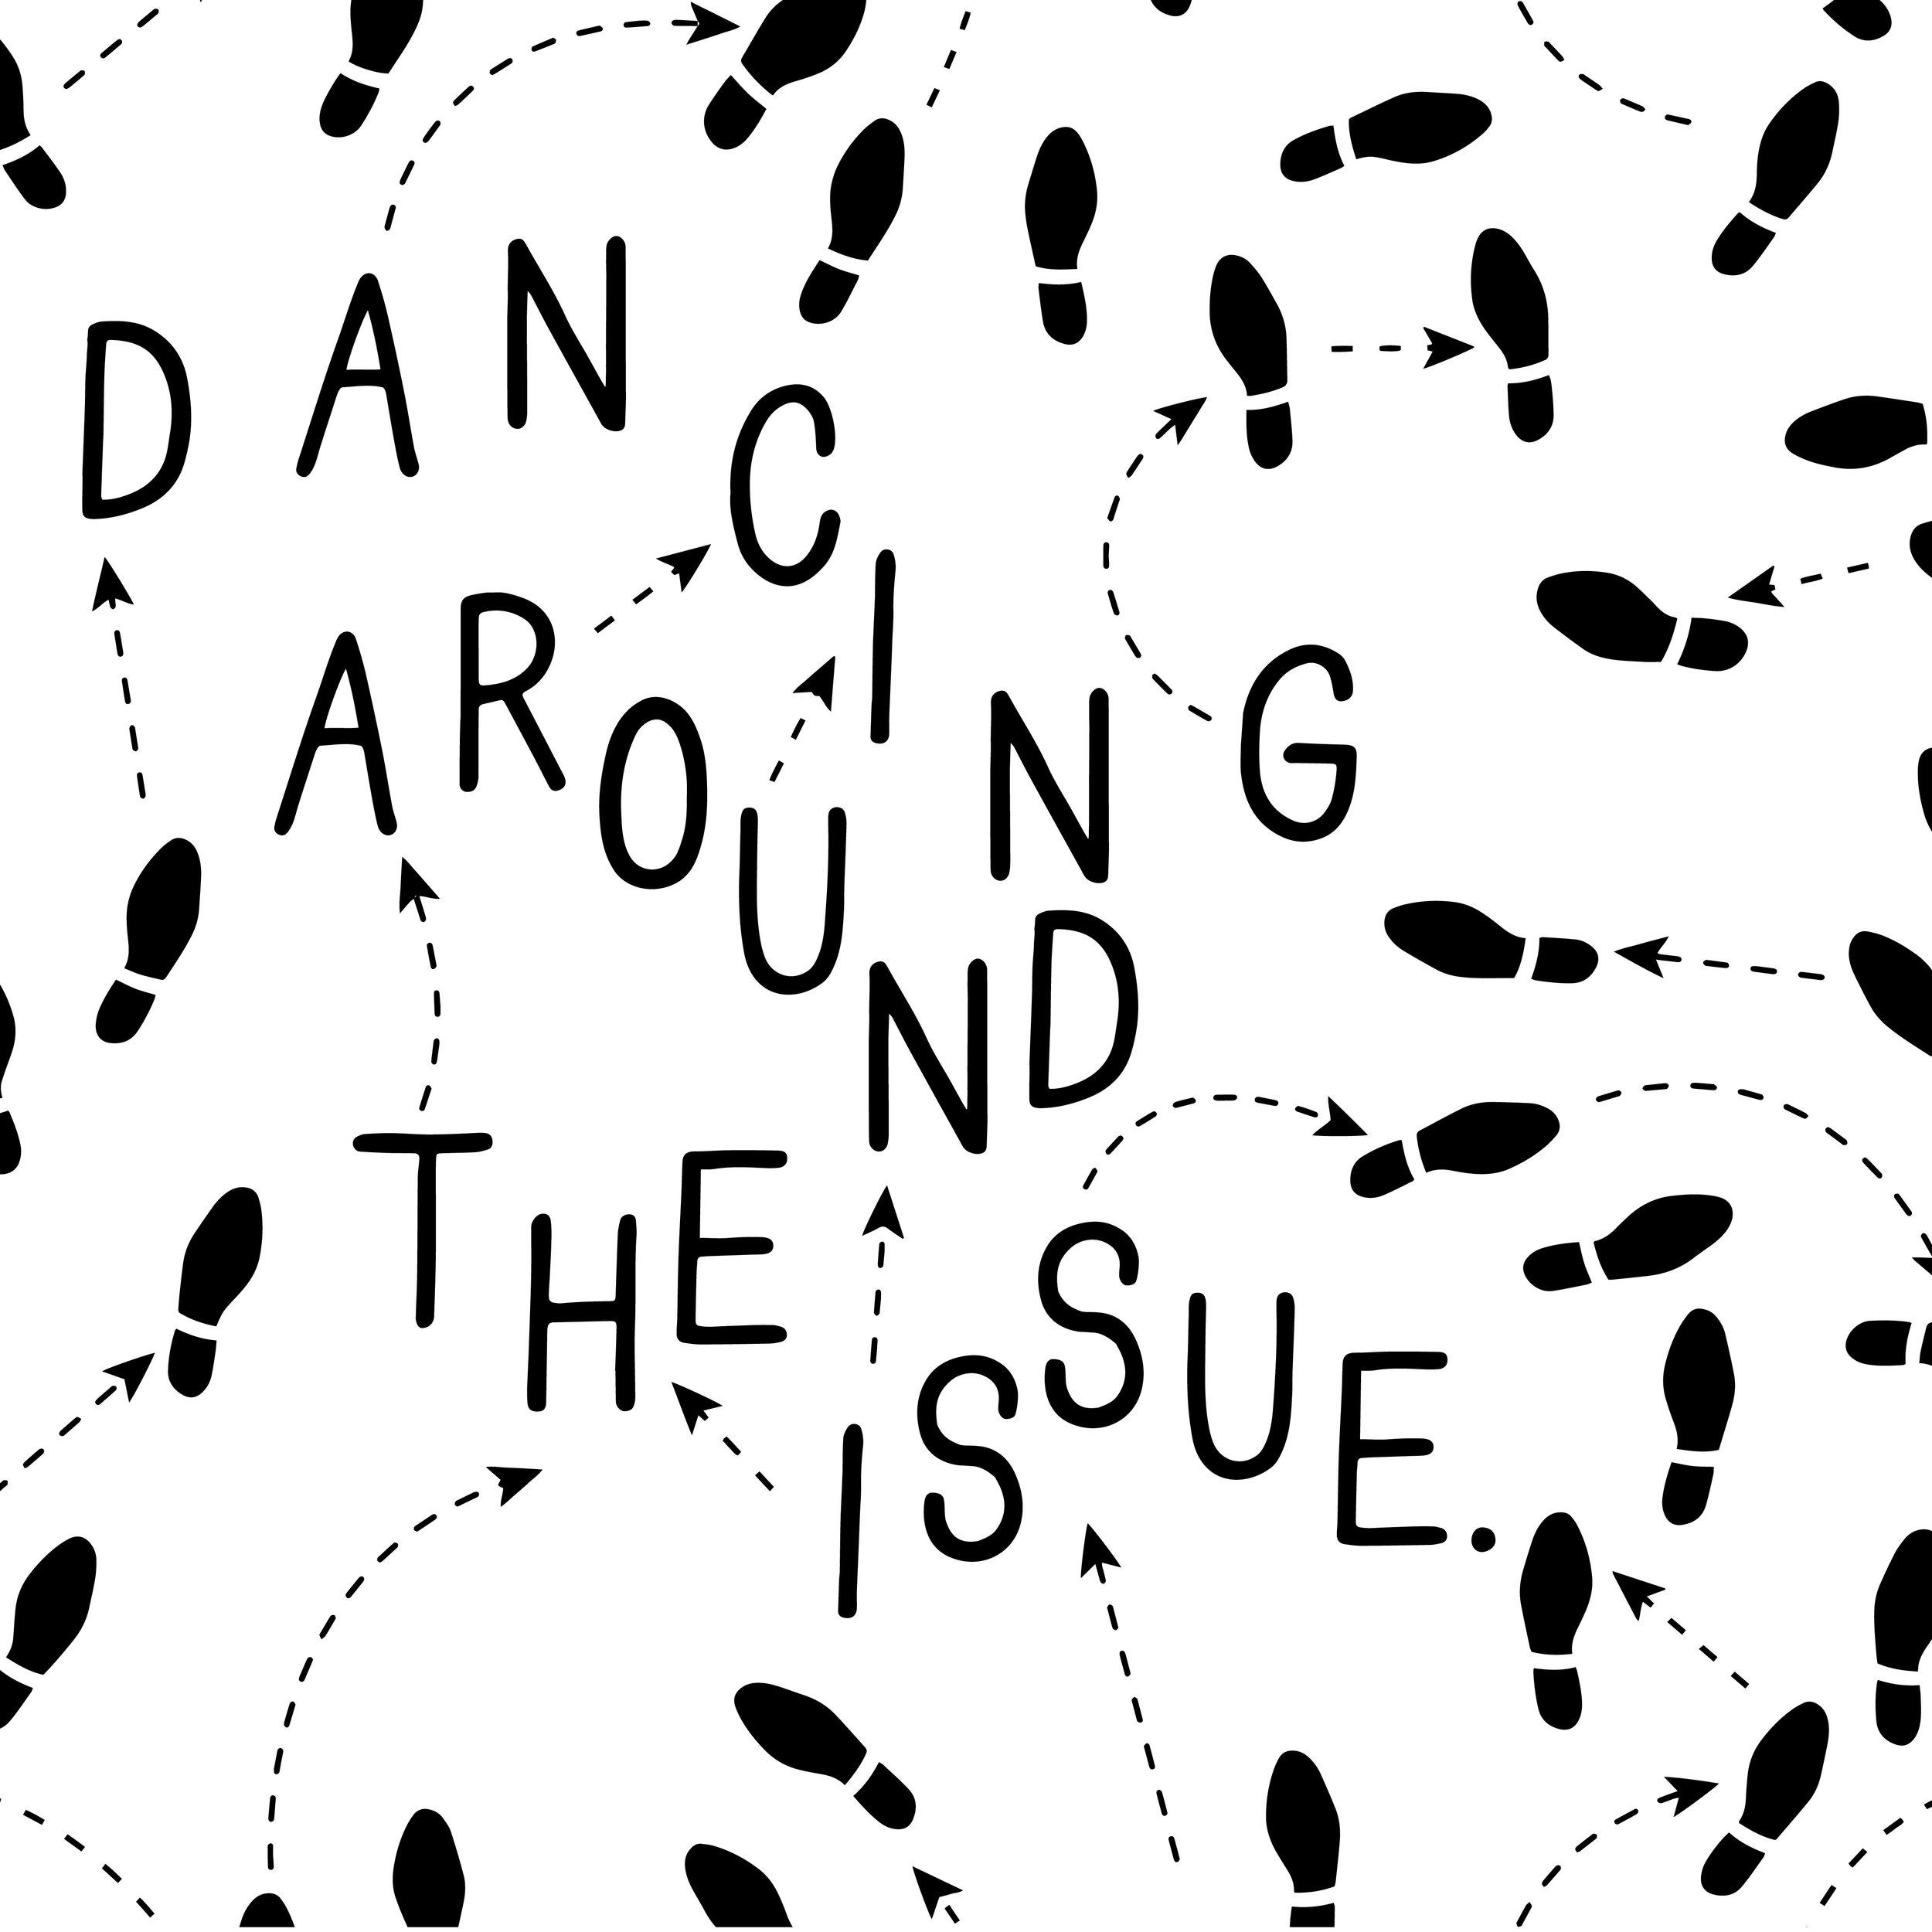 dancingaround-01.jpg